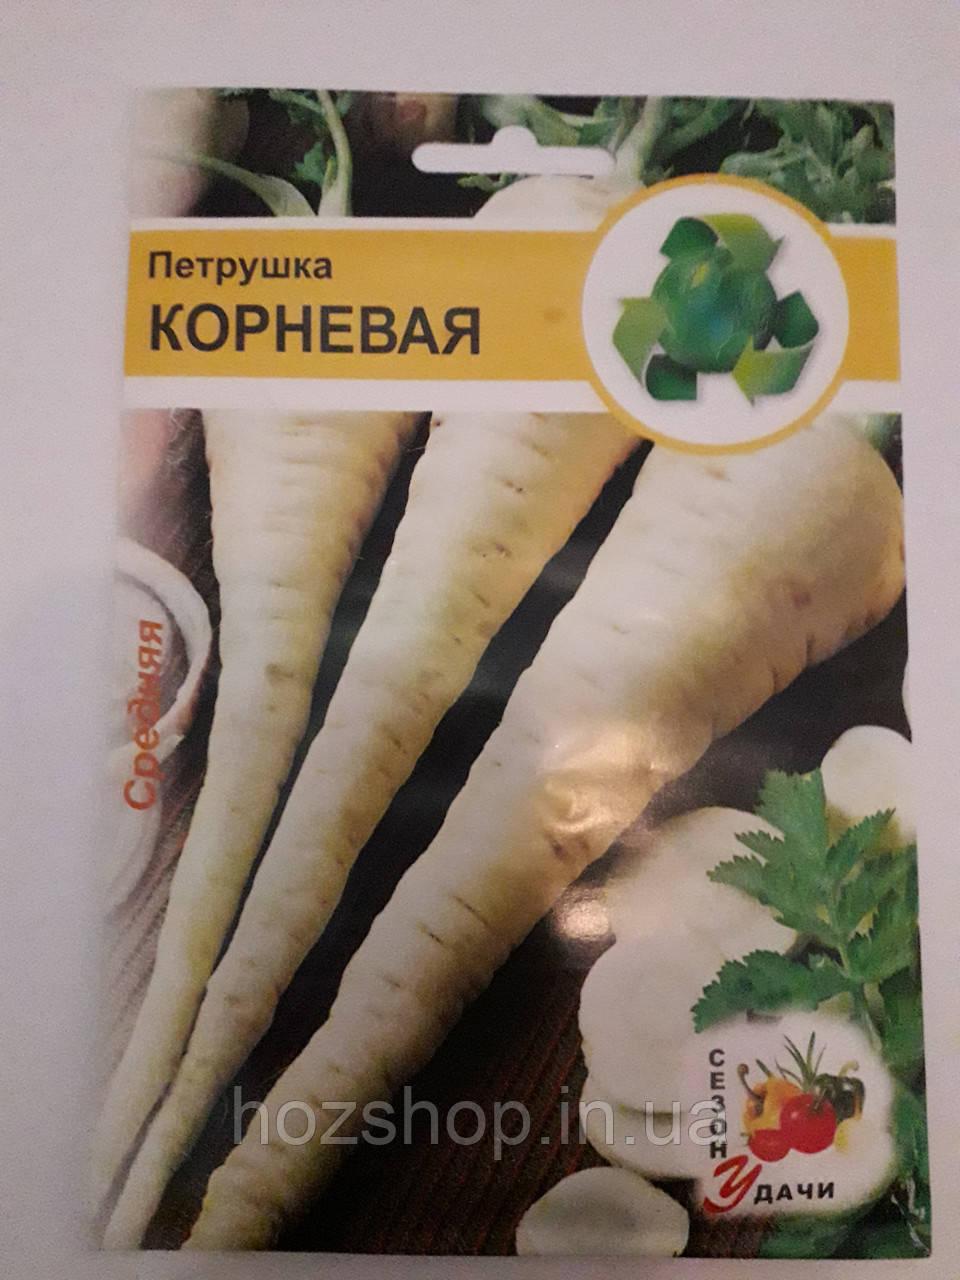 Петрушка Корневая 20 г (минимальный заказ 10 пачек)